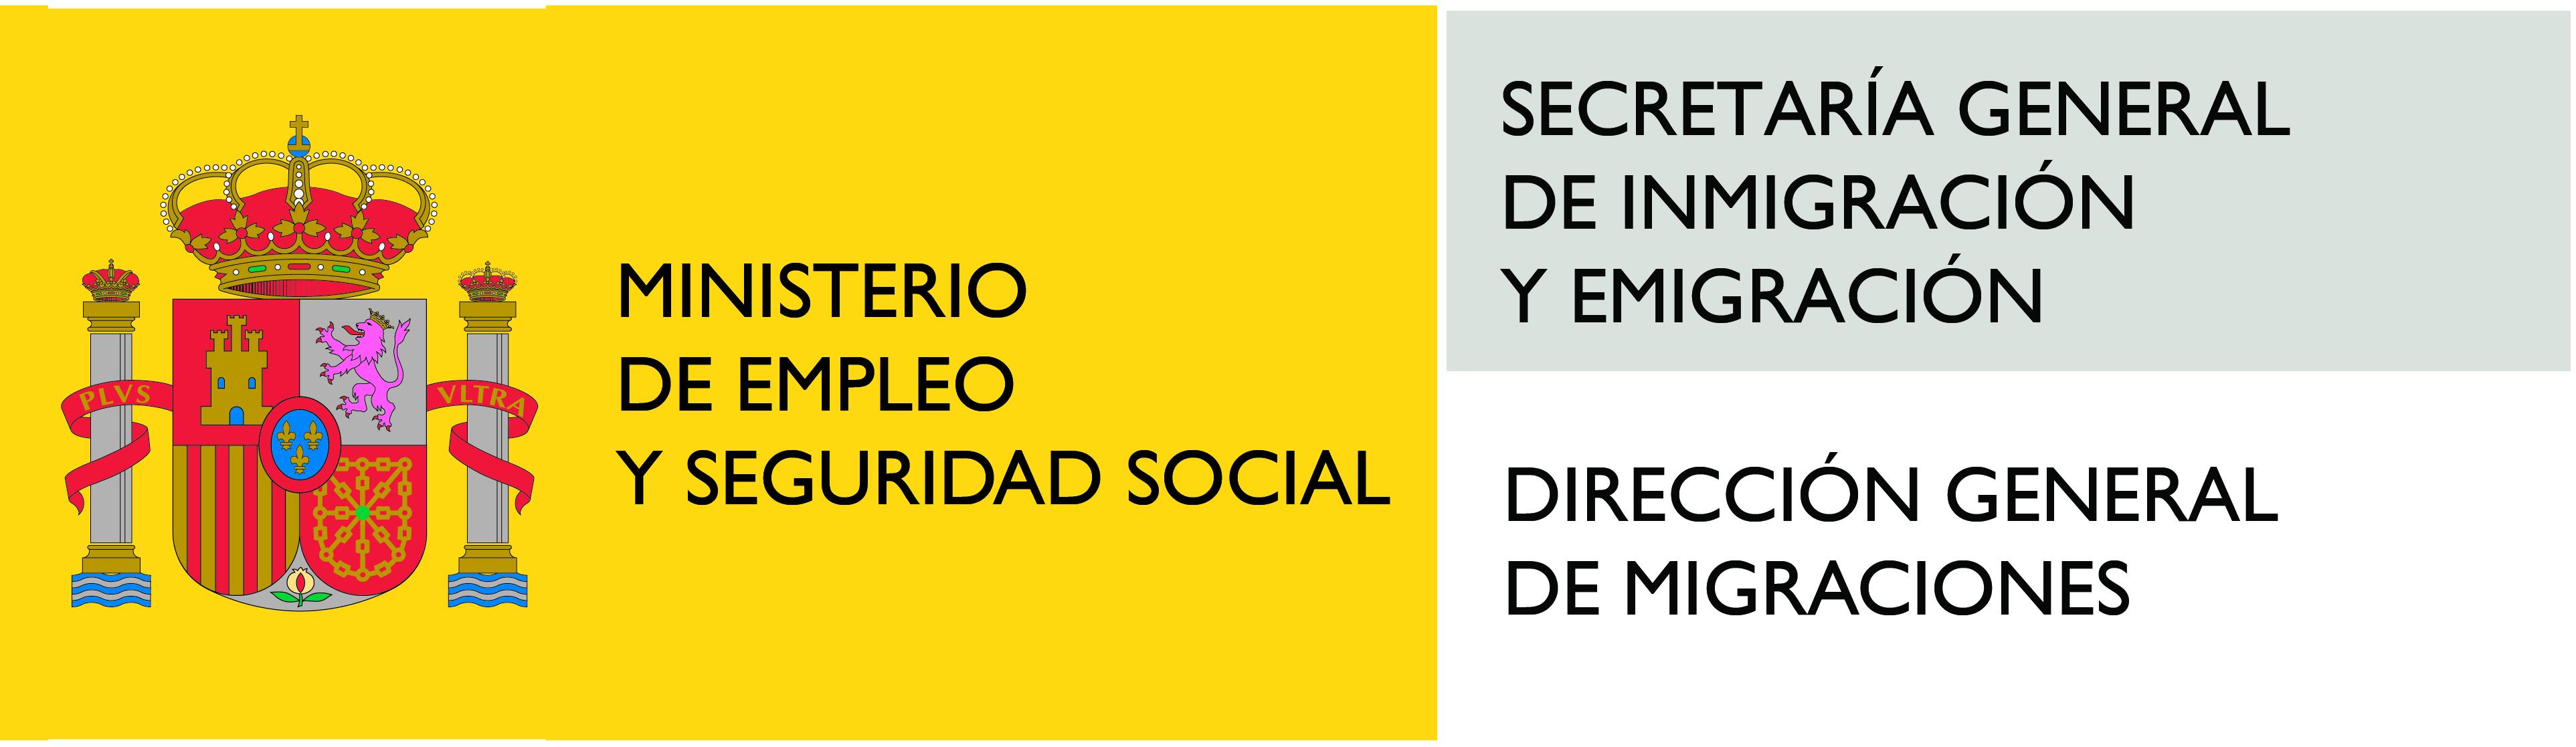 El gobierno dedica 2 9 millones de euros a mejorar la for Oficina seguridad social